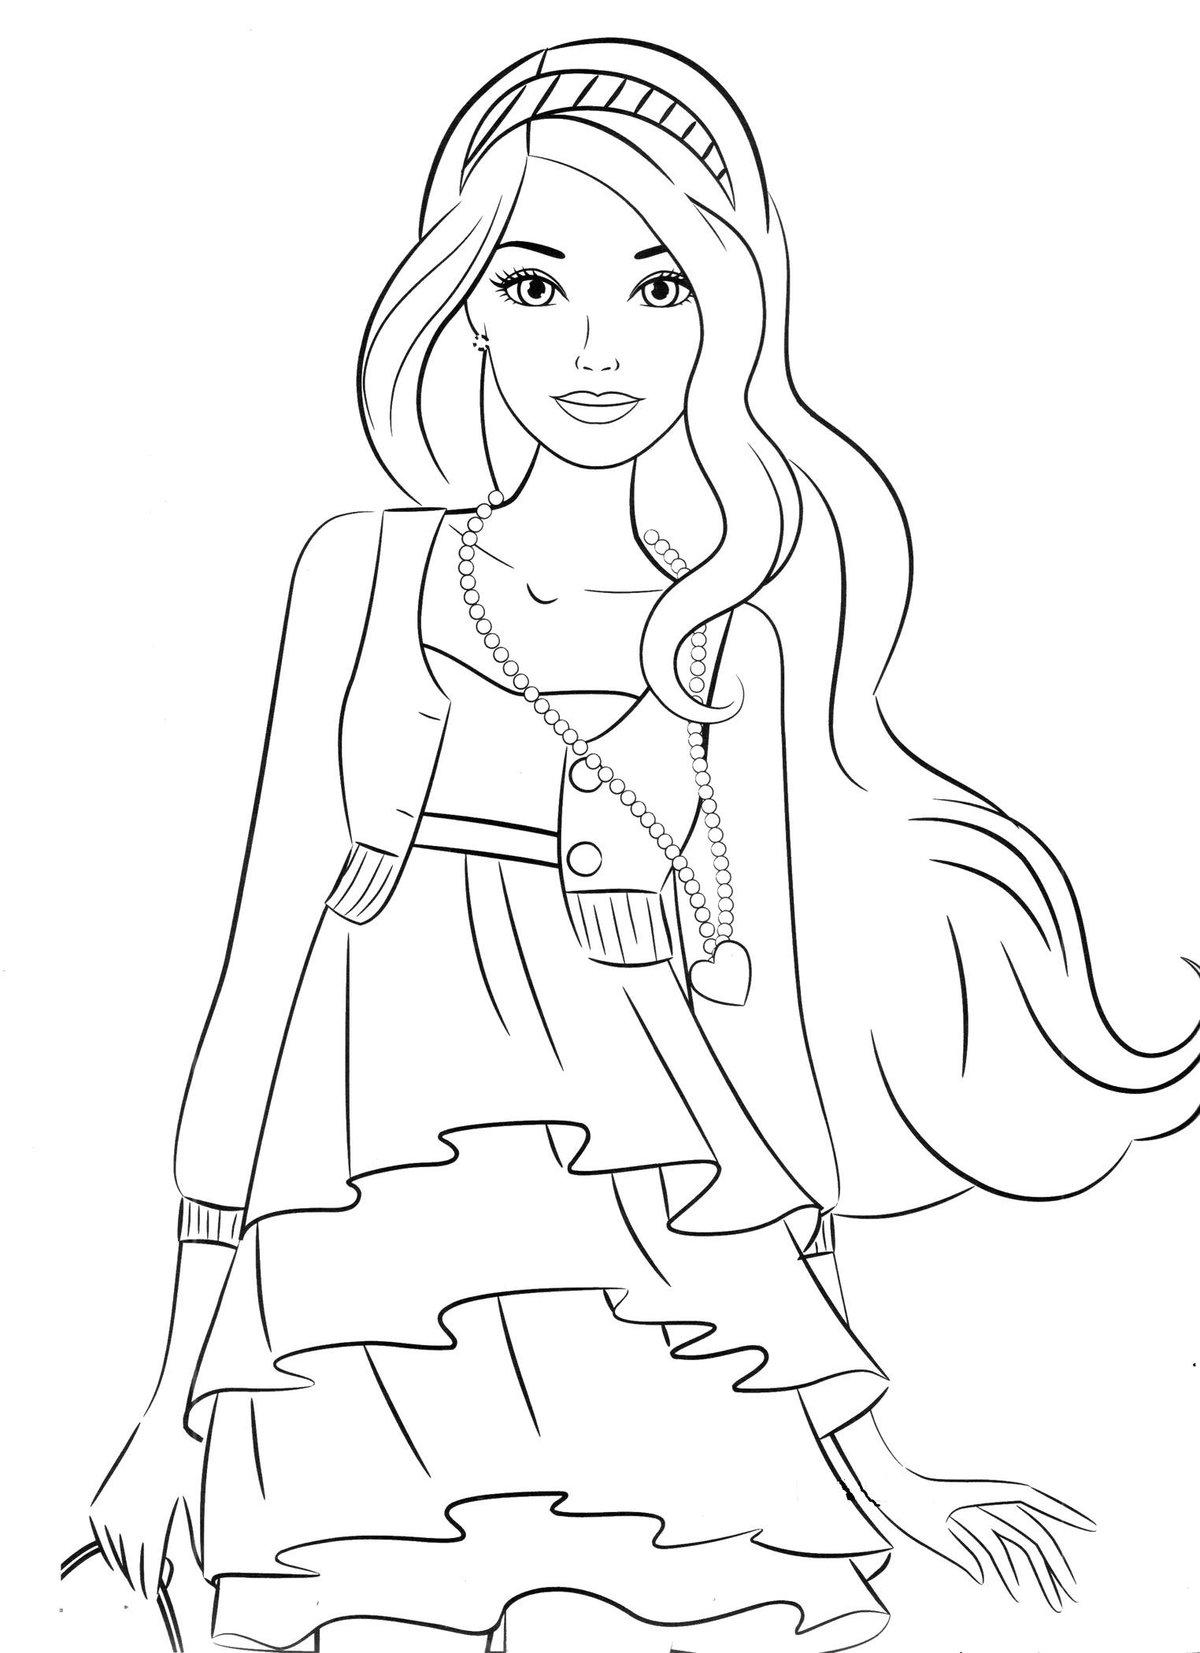 Картинки для девочек 8 лет срисовать